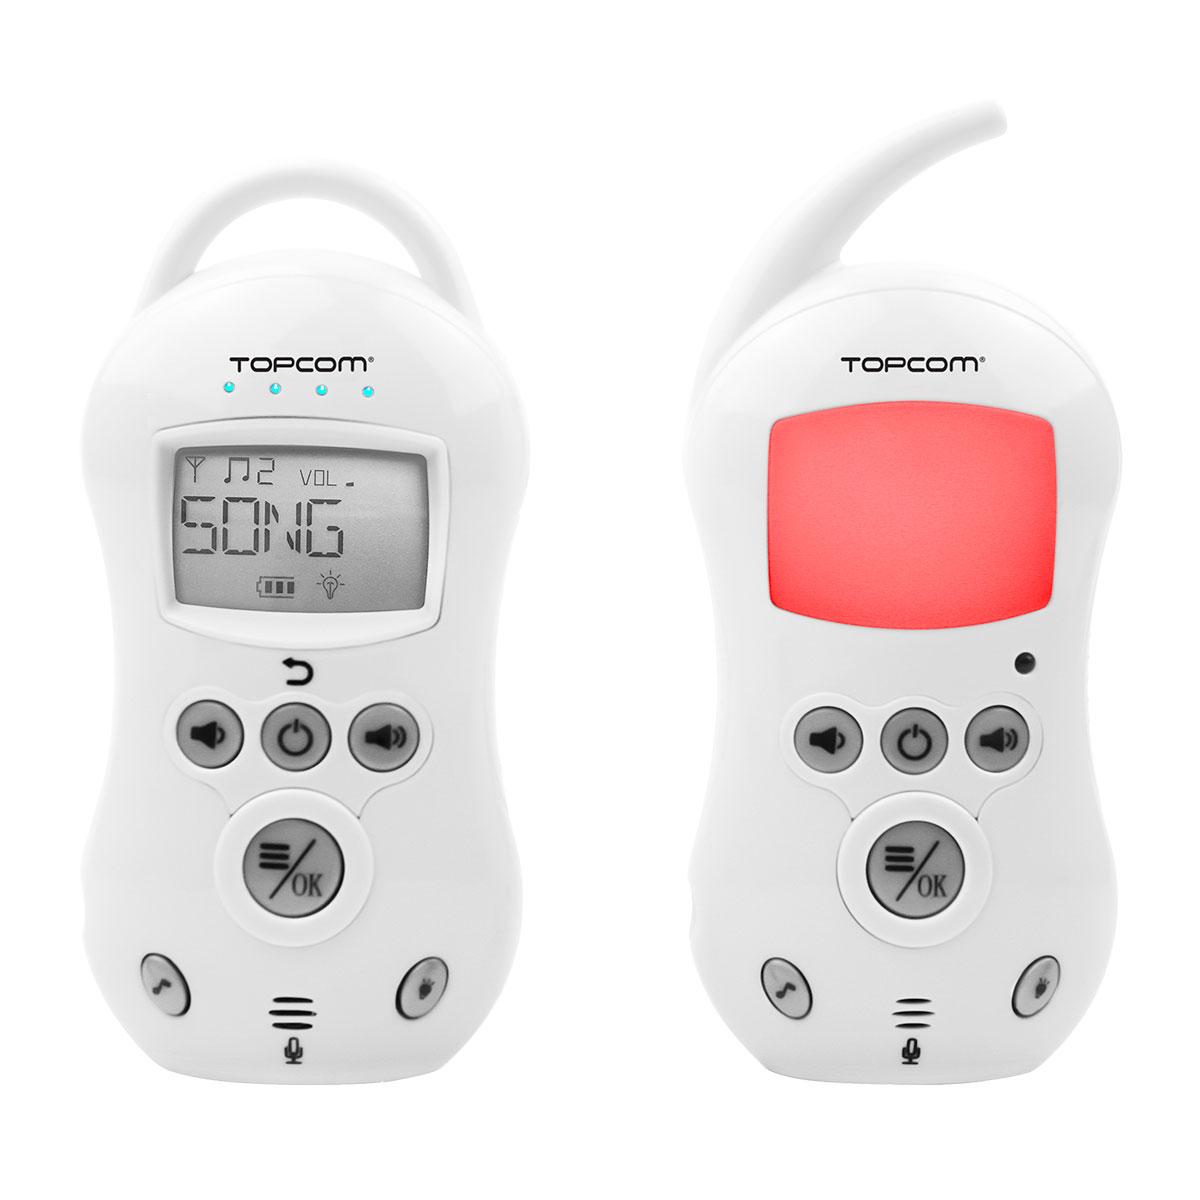 Topcom babyalarm - KS4222